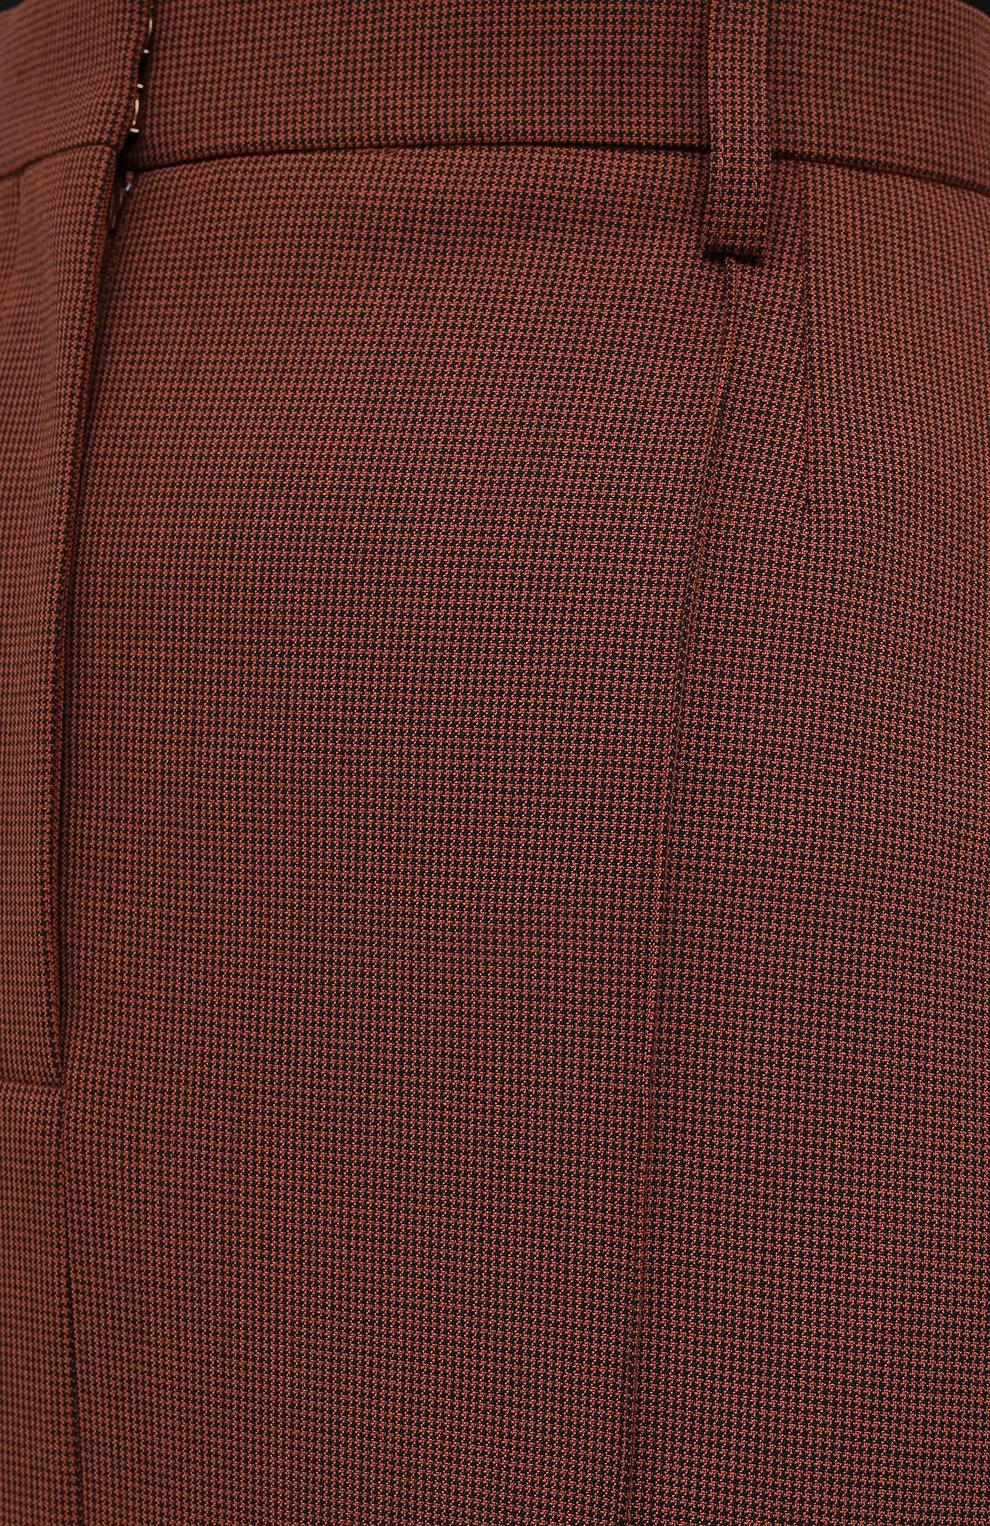 Женская юбка NANUSHKA коричневого цвета, арт. MACIE_RUST_H0UNDST00TH SUITING | Фото 5